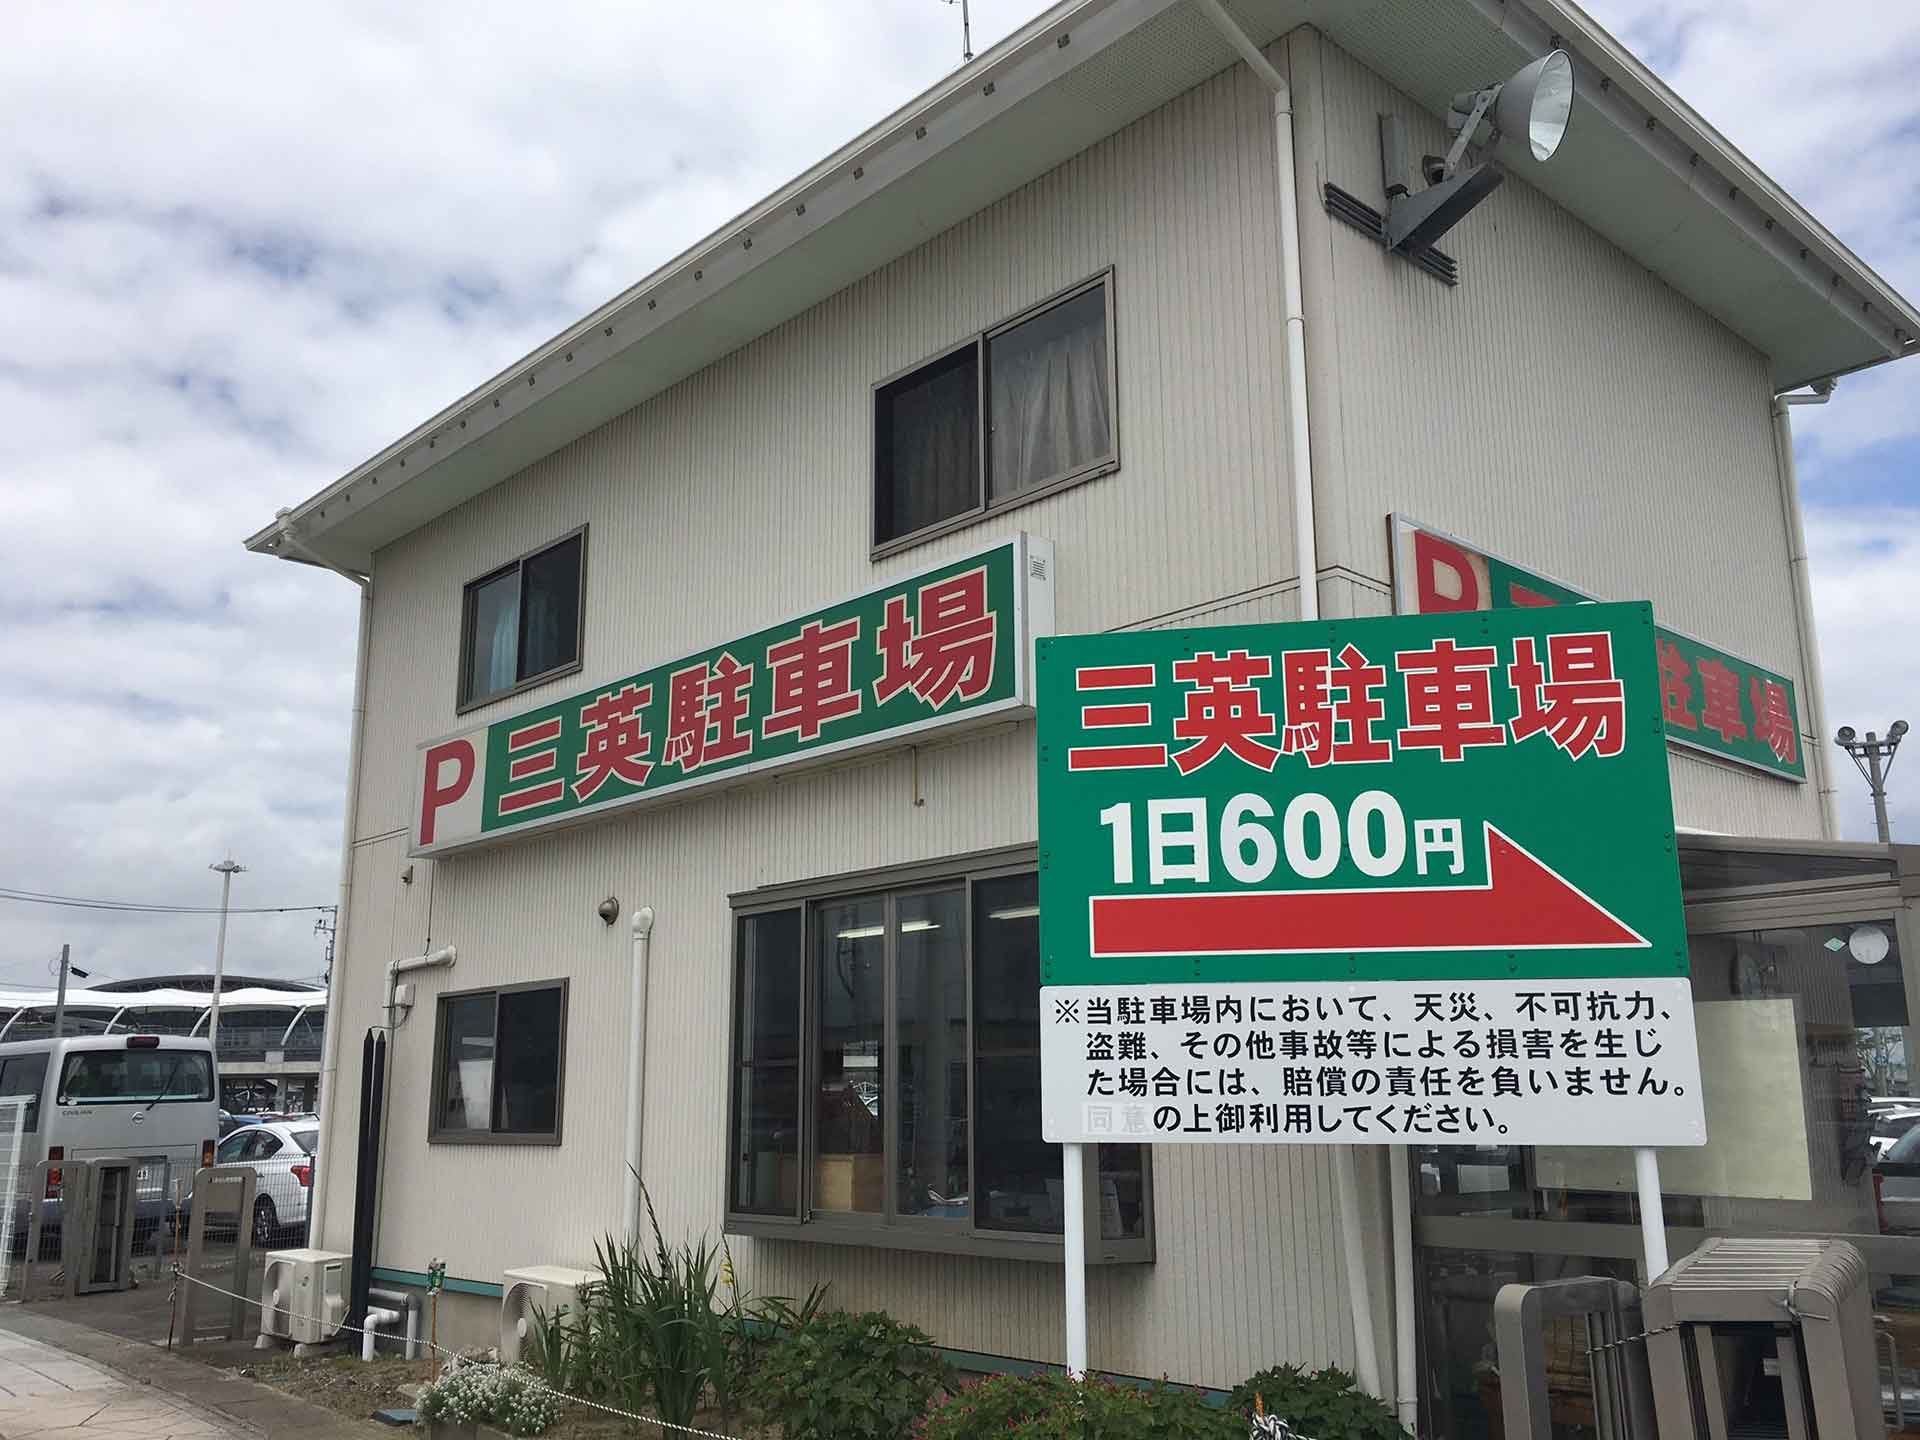 有限会社 三英駐車場<br />代表取締役 鈴木 英二